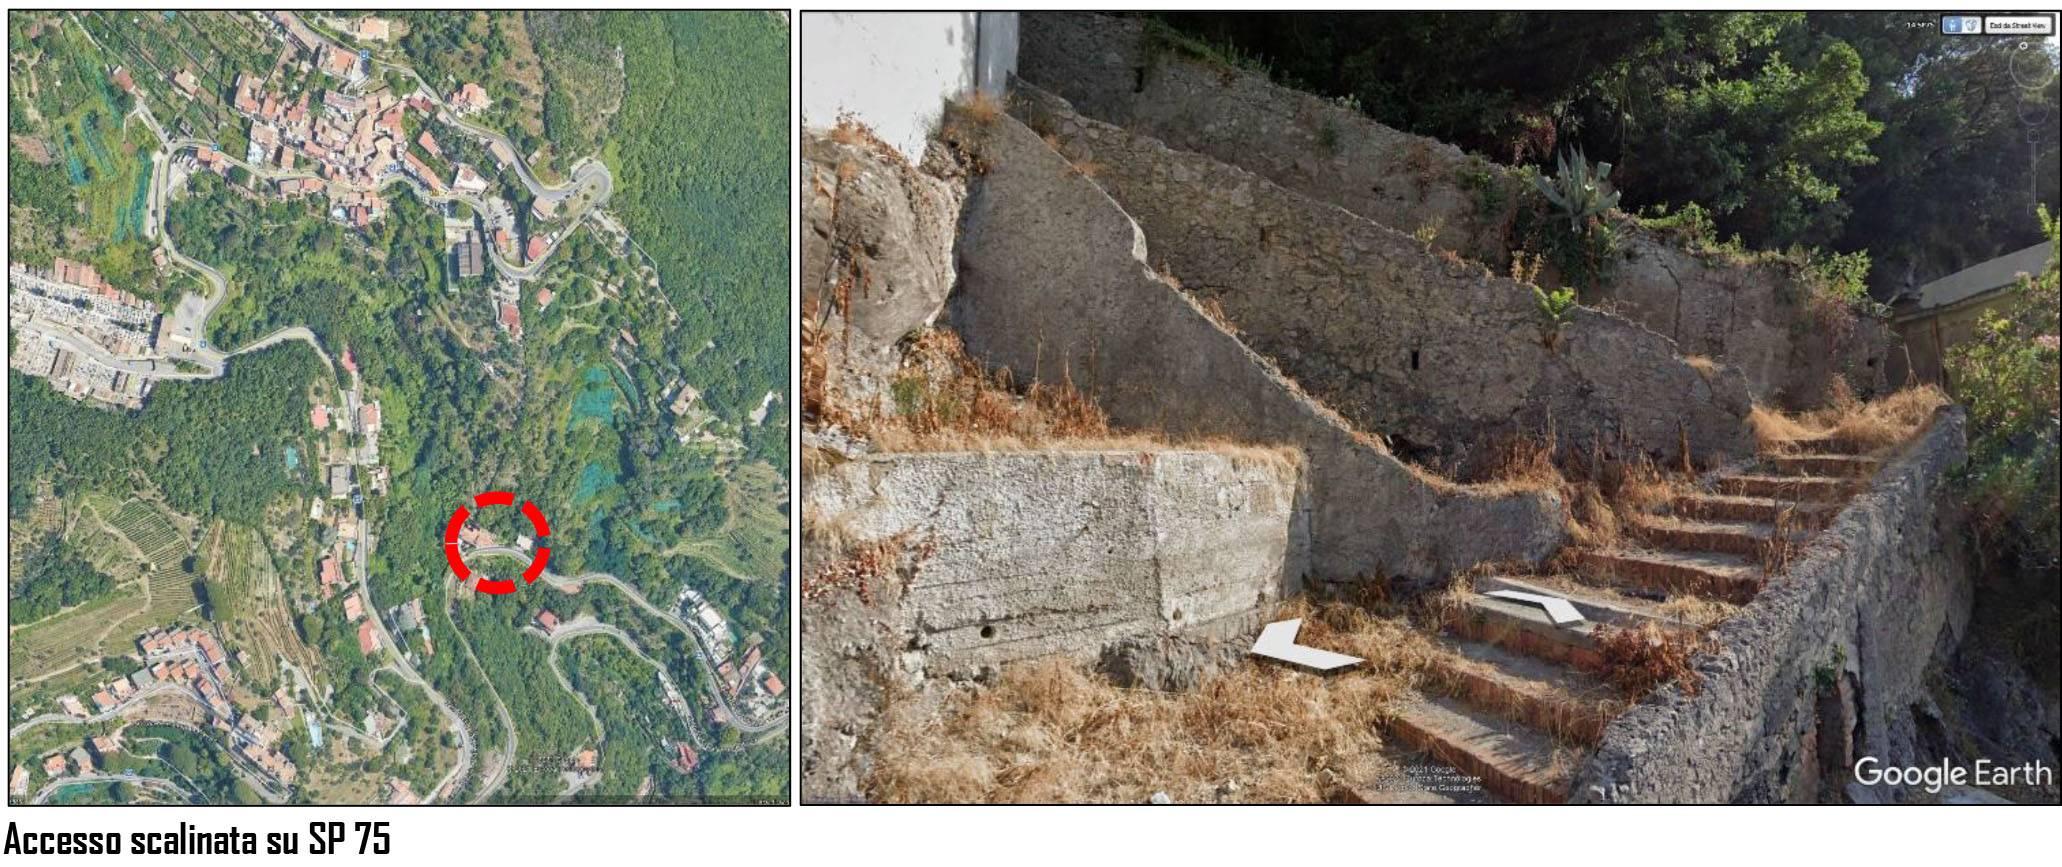 Antica strada vicinale abbandonata a Vietri: la segnalazione alla piattaforma TTT